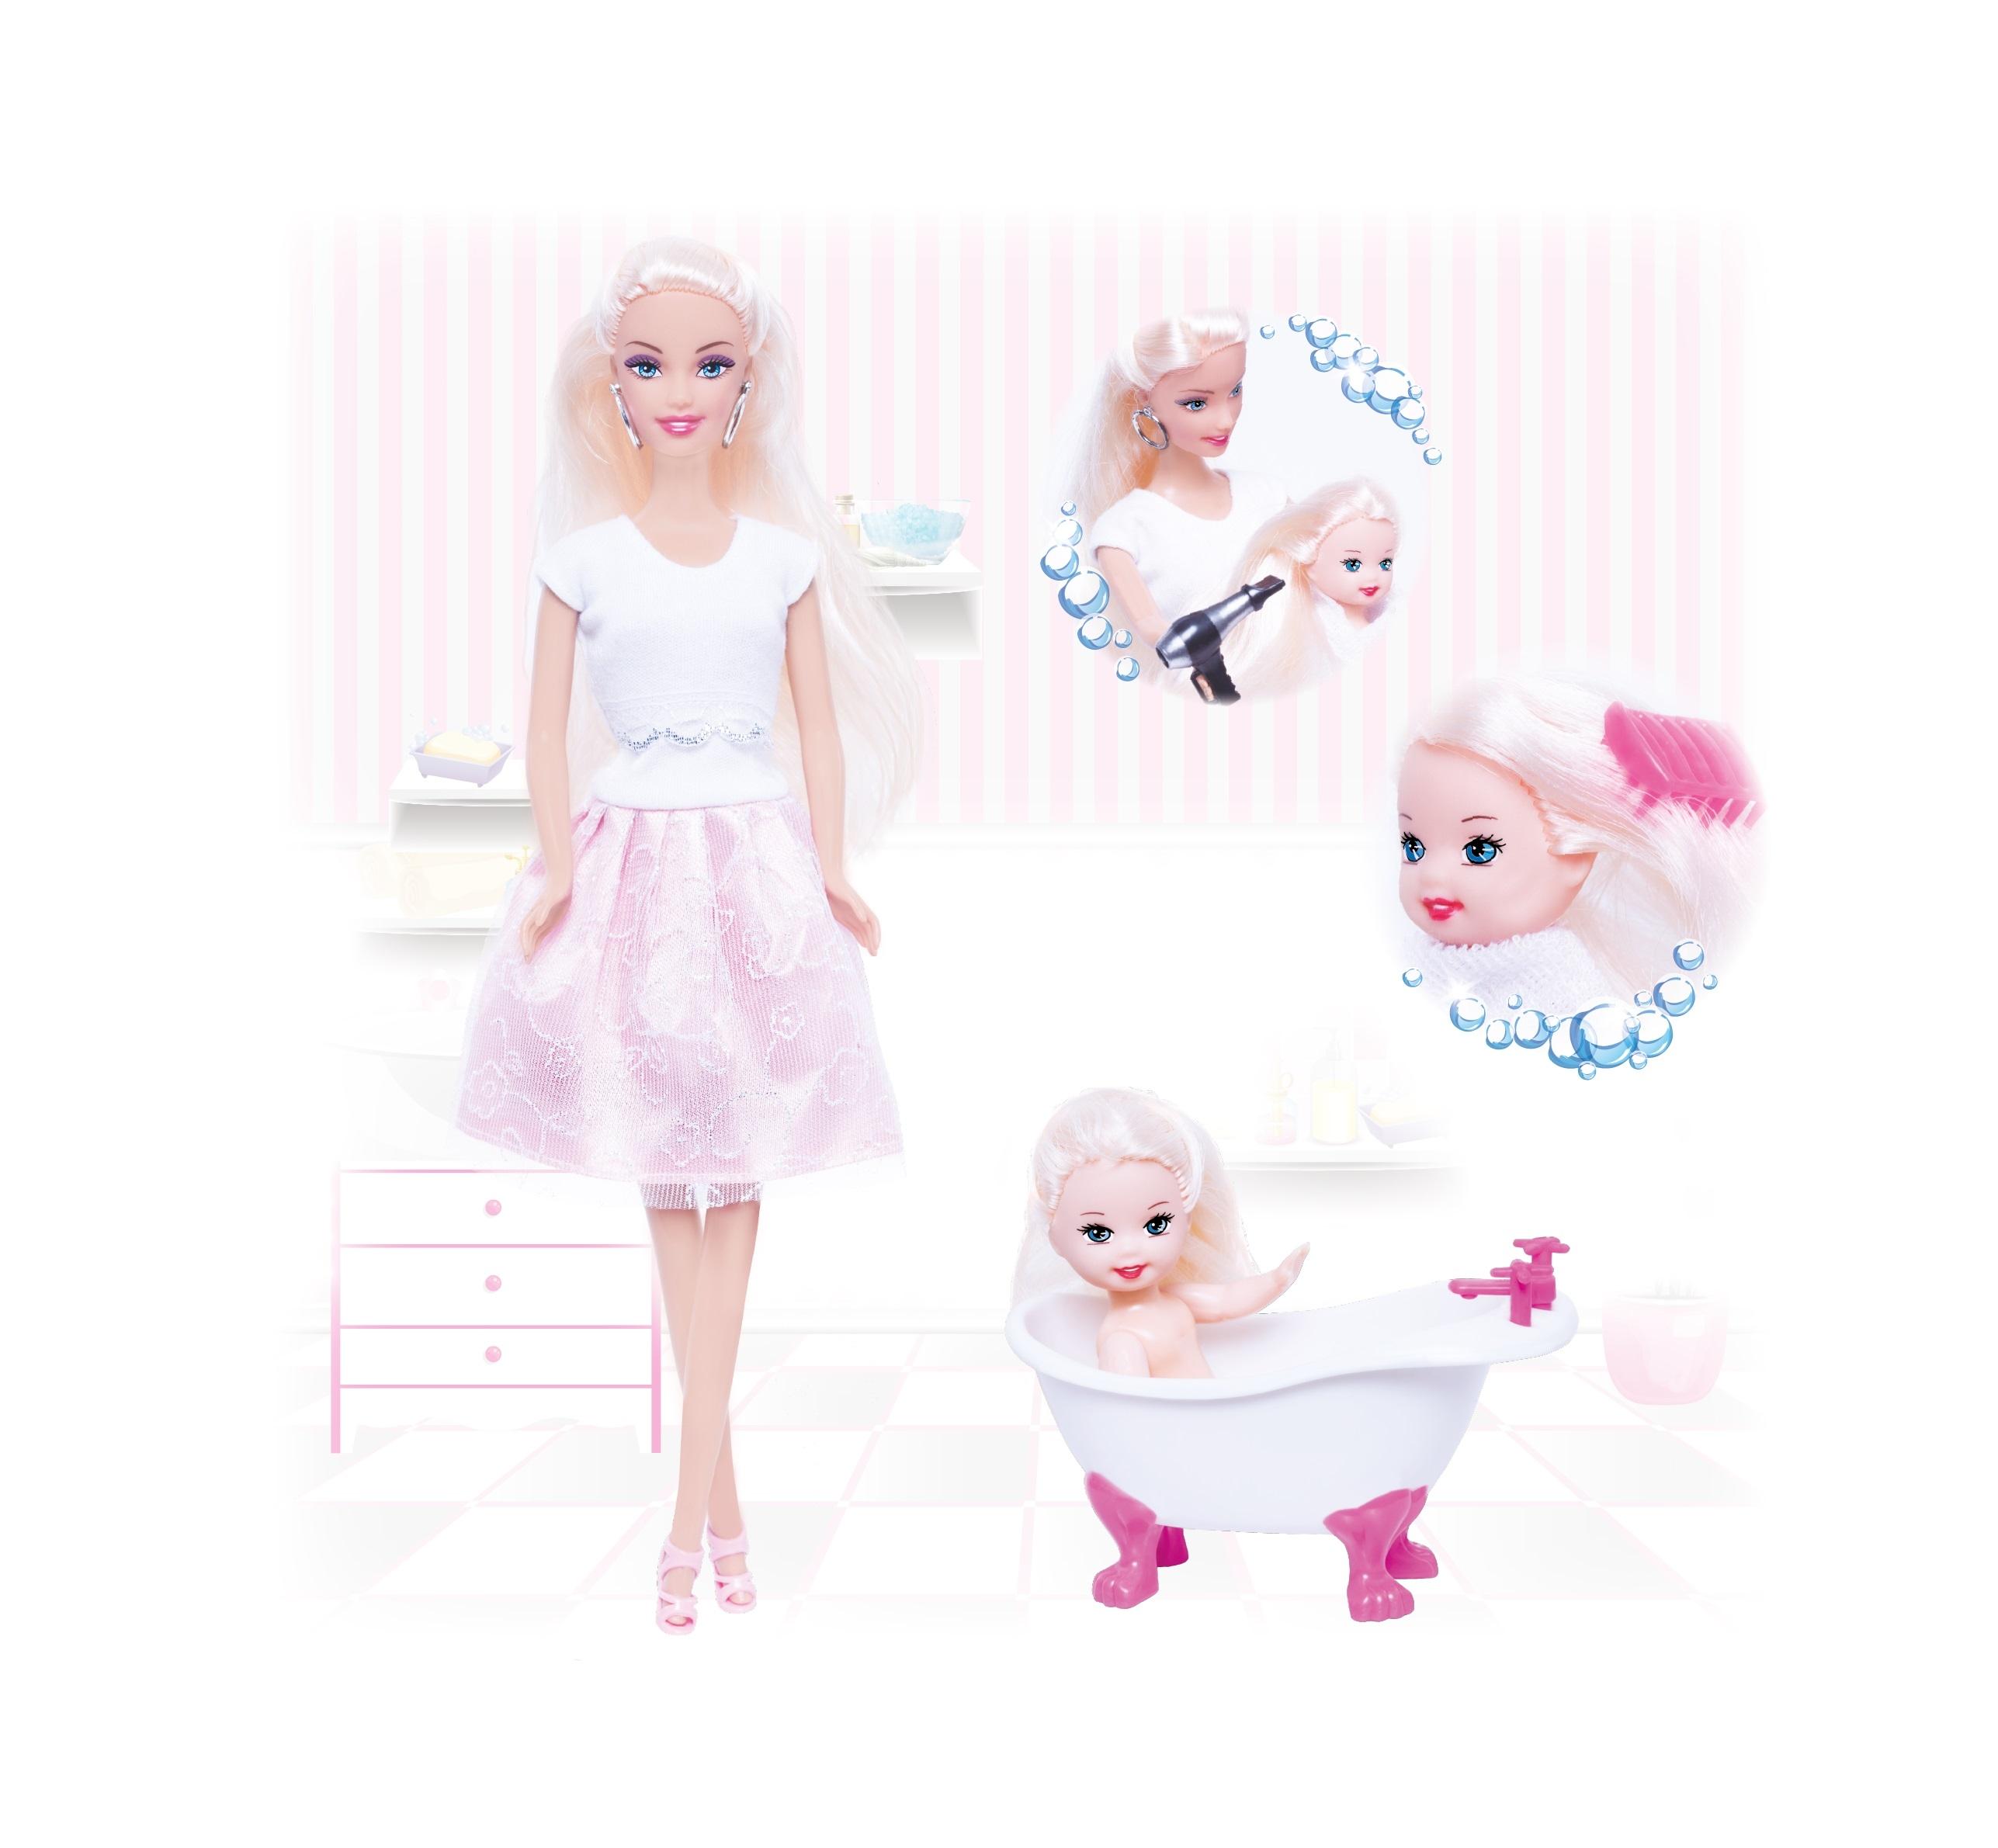 Другие куклы ToysLab Кукла Ася. Веселое купание куклы и одежда для кукол defa игровой набор кукла с аксессуарами 26 см